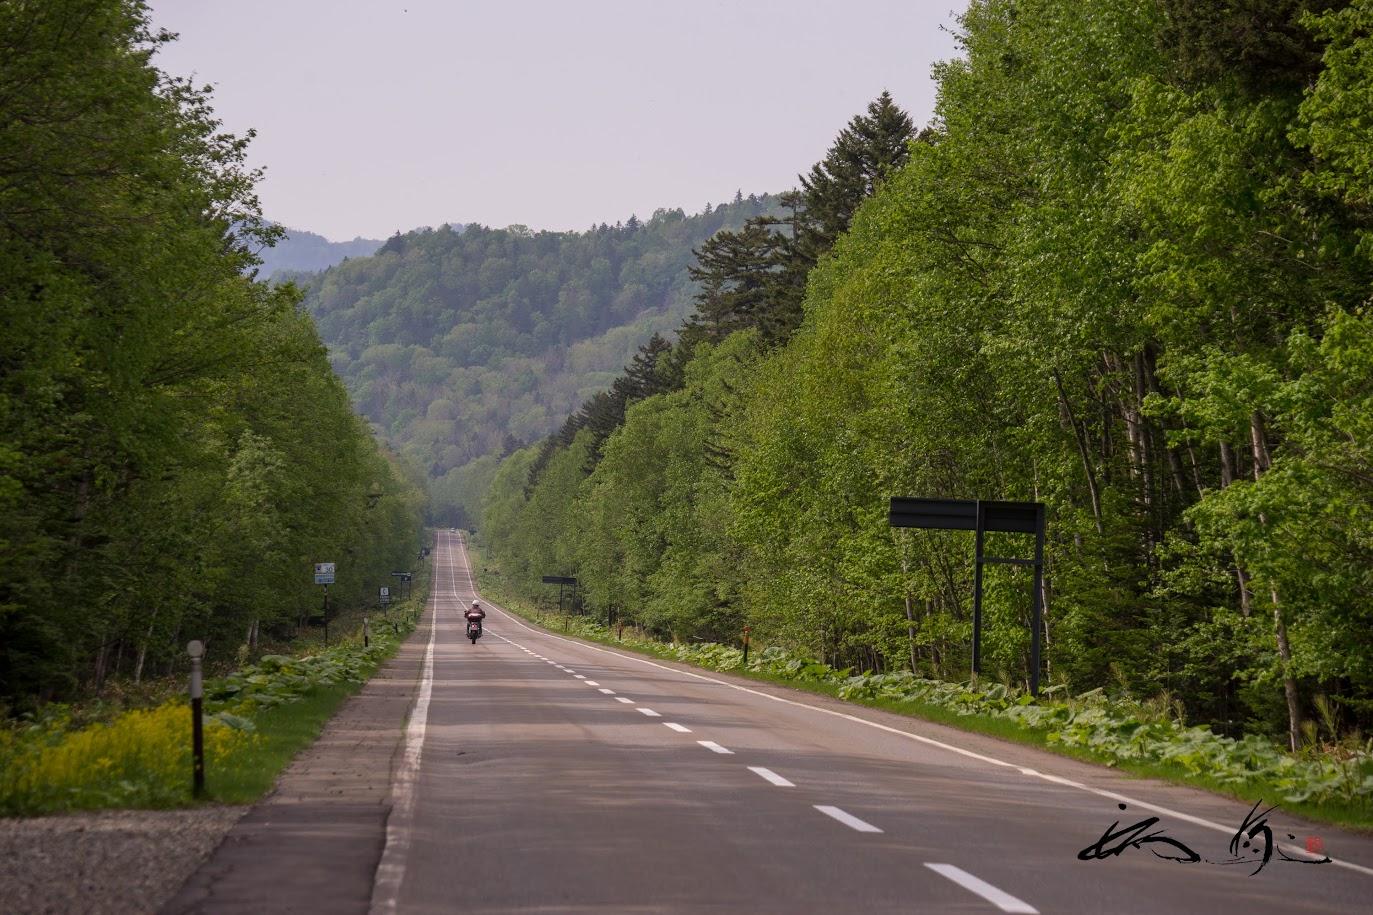 国道を爽快に走り抜けるバイク